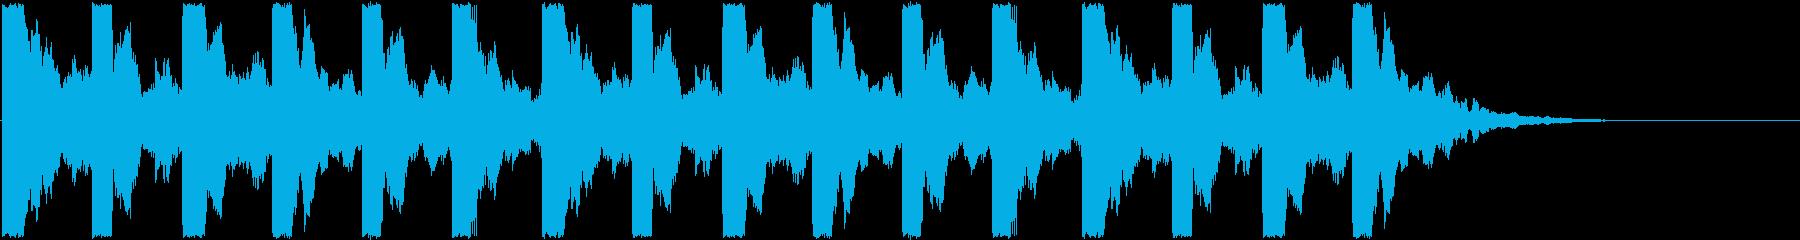 恐怖、ホラーの演出(キッキッキッキッ)3の再生済みの波形